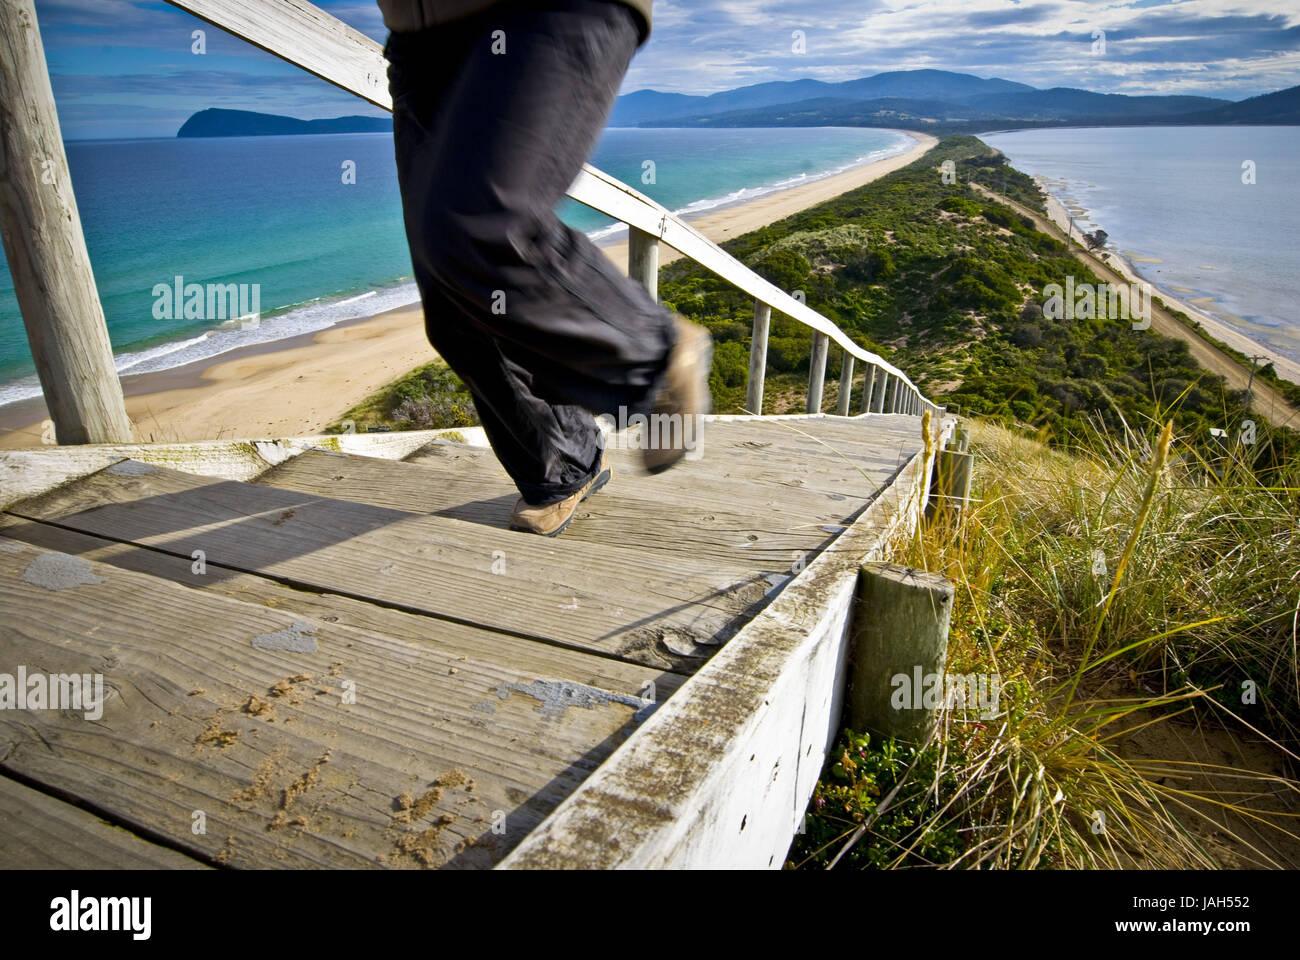 Australia, Tasmania,Bruny Islandia,bar bay,'el tease',norte,sur de Bruny Bruny,escaleras,persona, Foto de stock